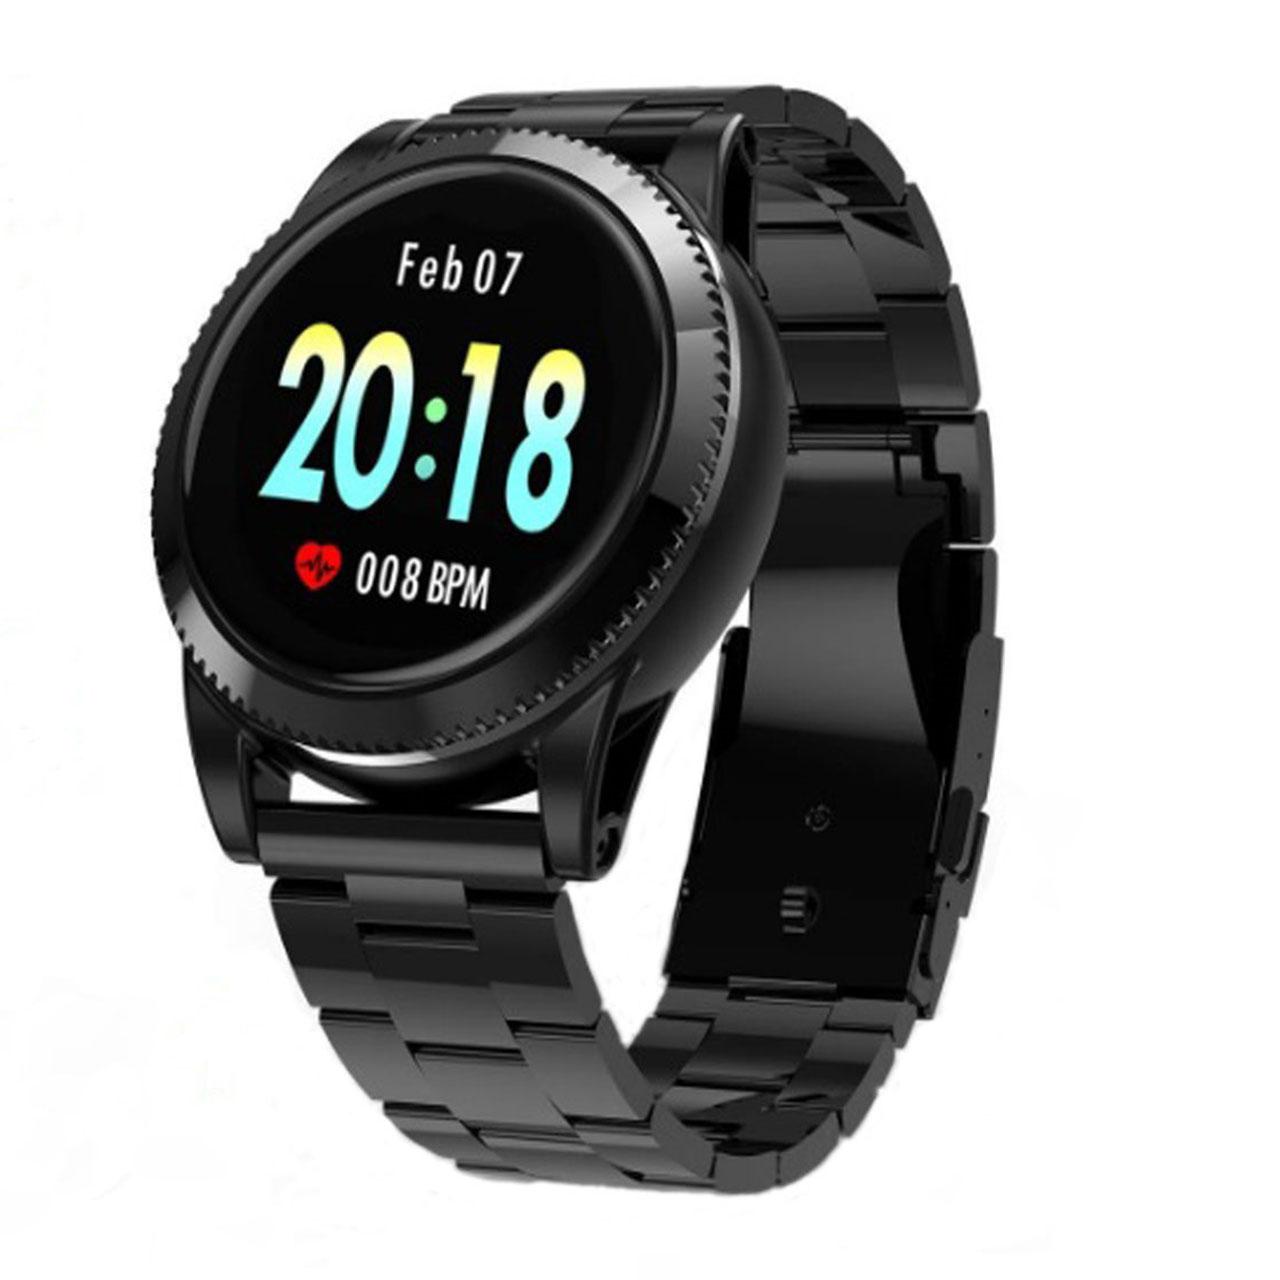 خرید ساعت هوشمند مدل GOKOO سنسور اکسیژن خون (SpO2) همراه بند سیلیکونی یدکی